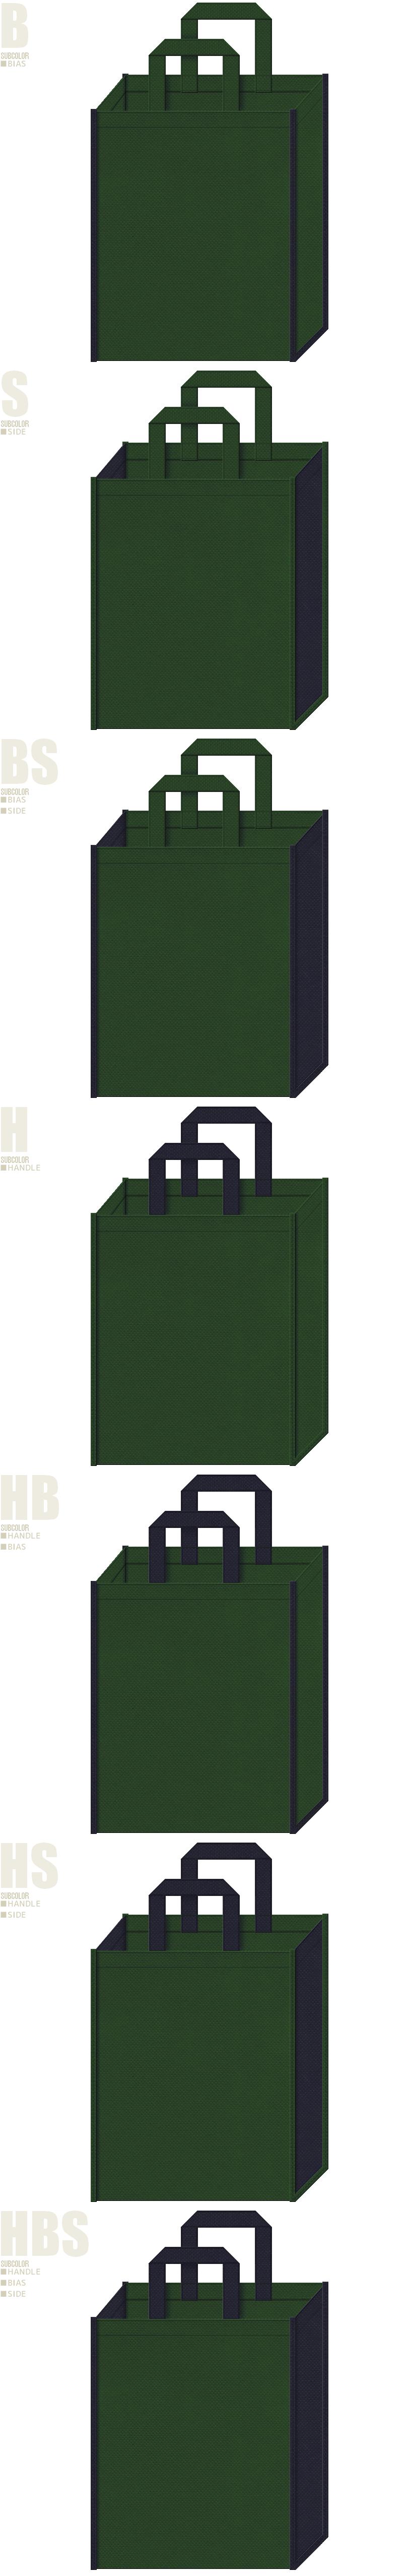 メンズ商品の展示会用バッグにお奨めの不織布バッグデザイン:濃緑色と濃紺色の不織布バッグ配色7パターン。